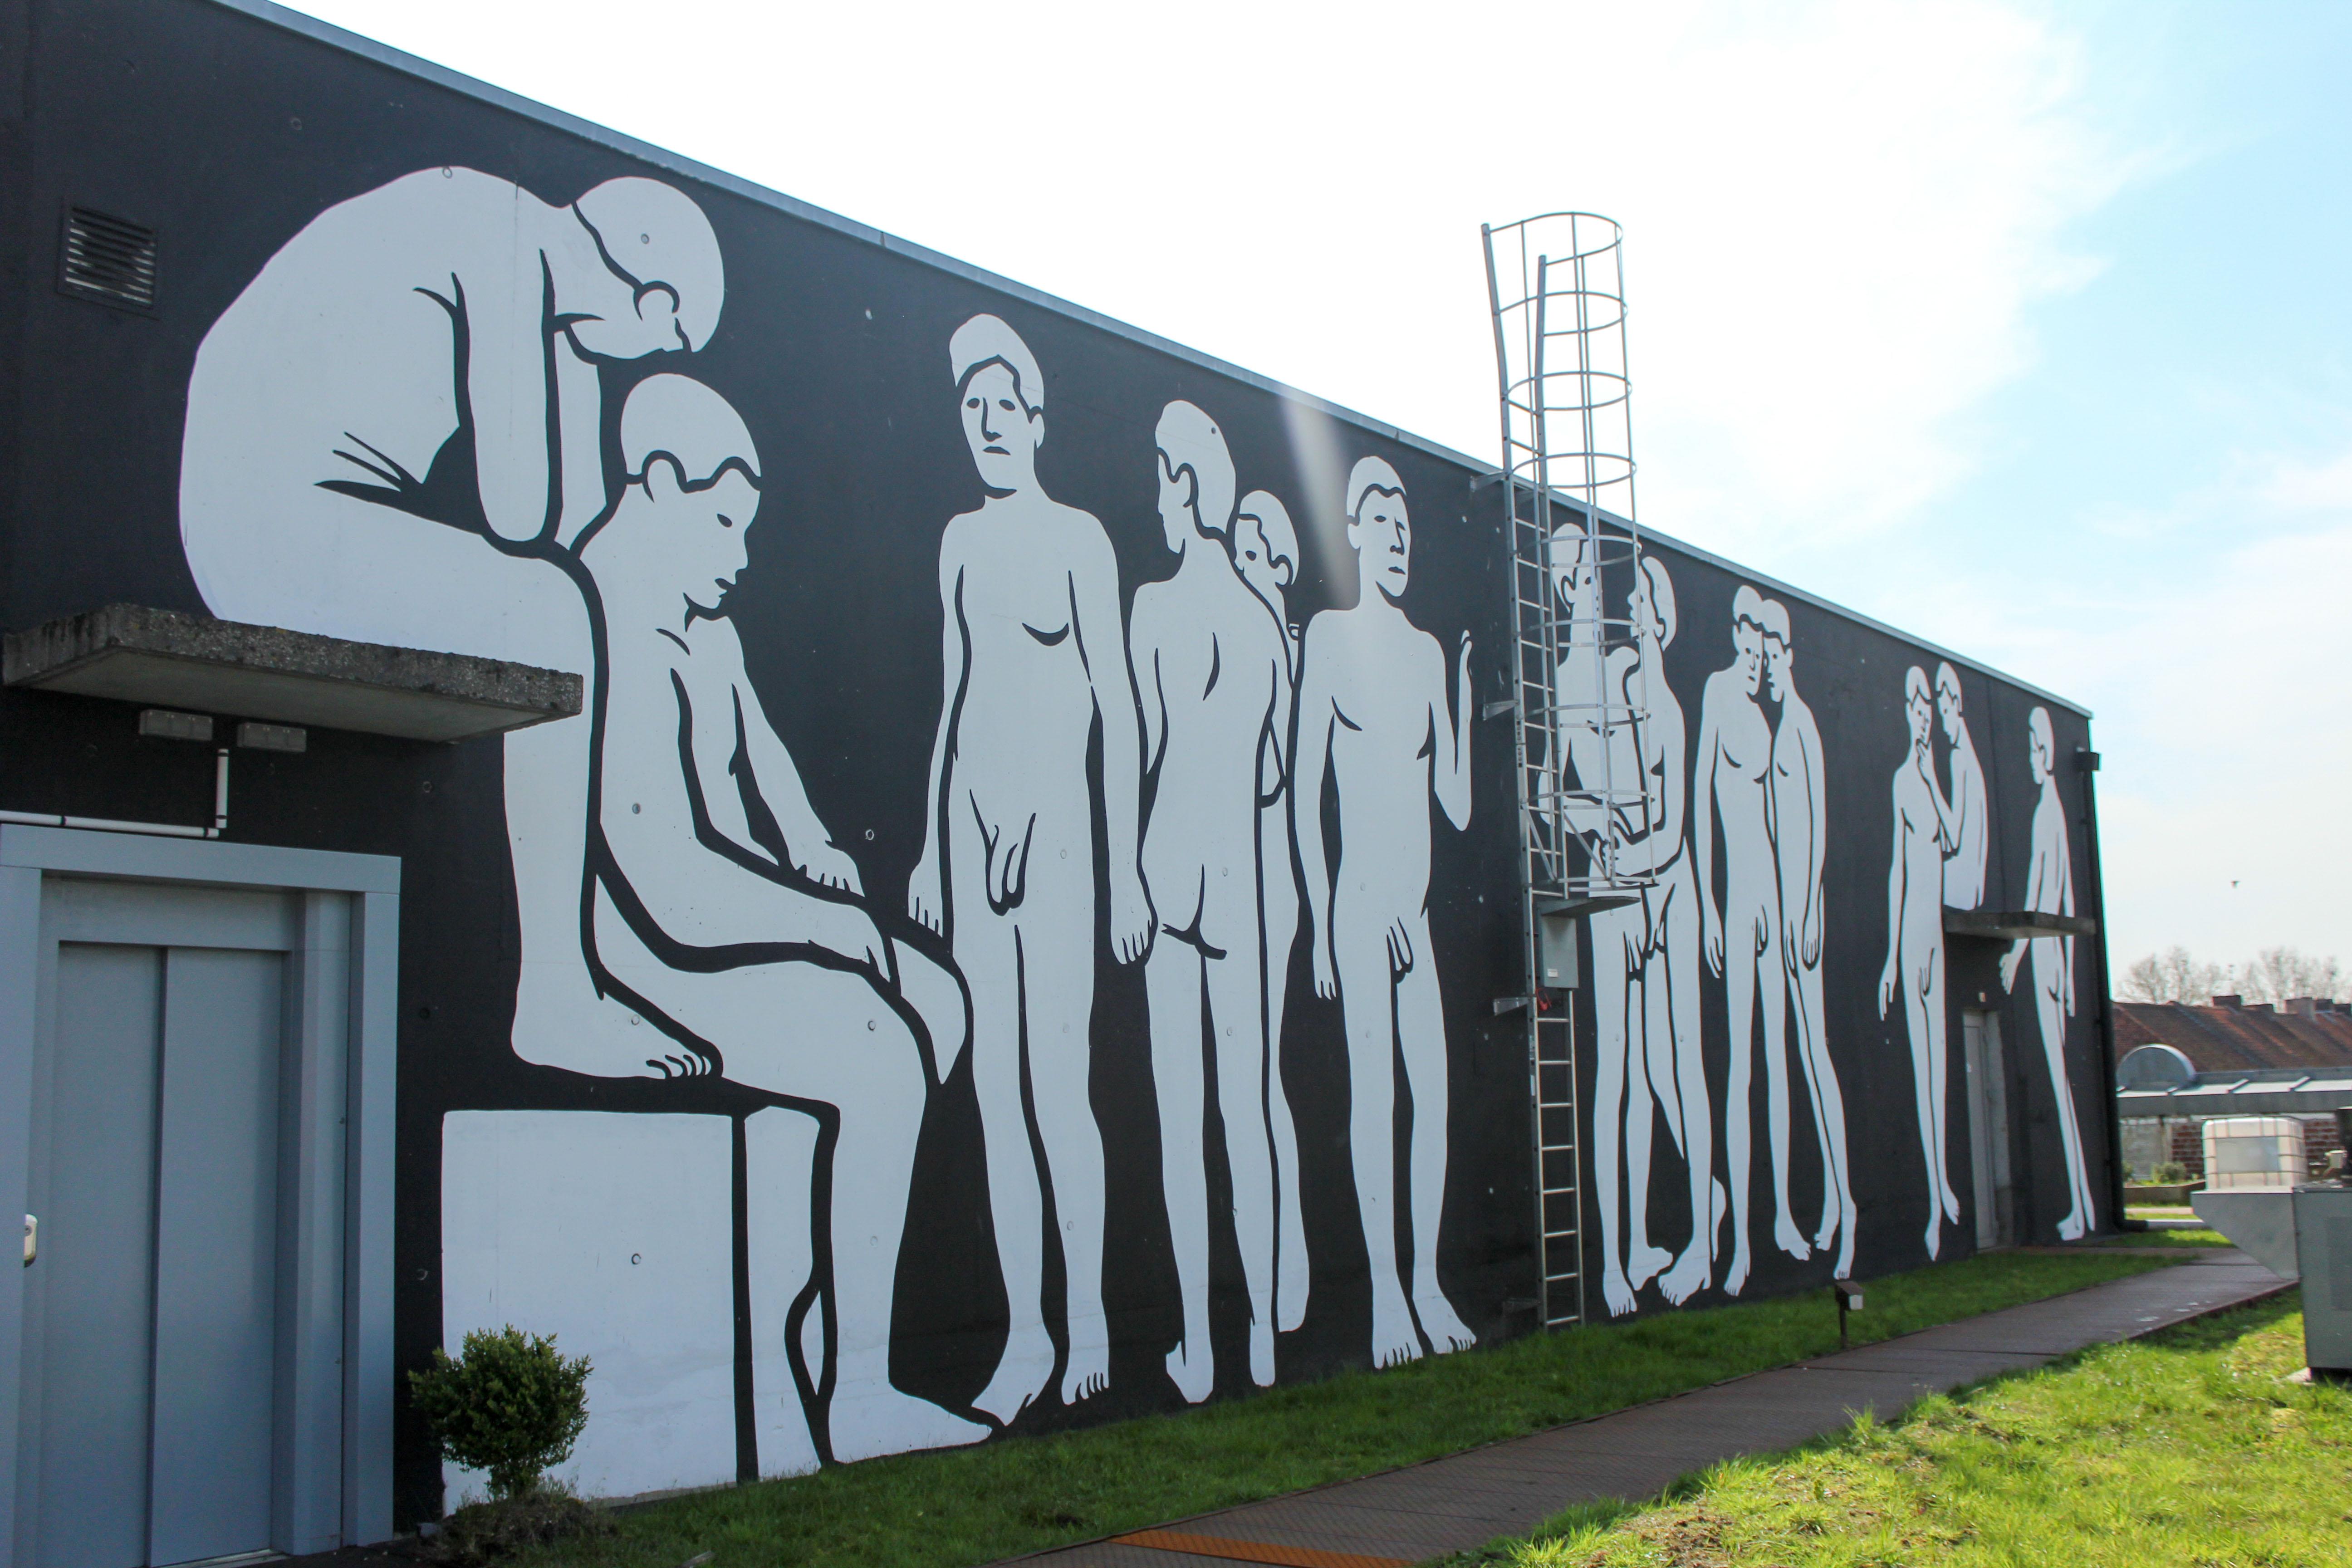 streetart roubaix wat19 la condition publique